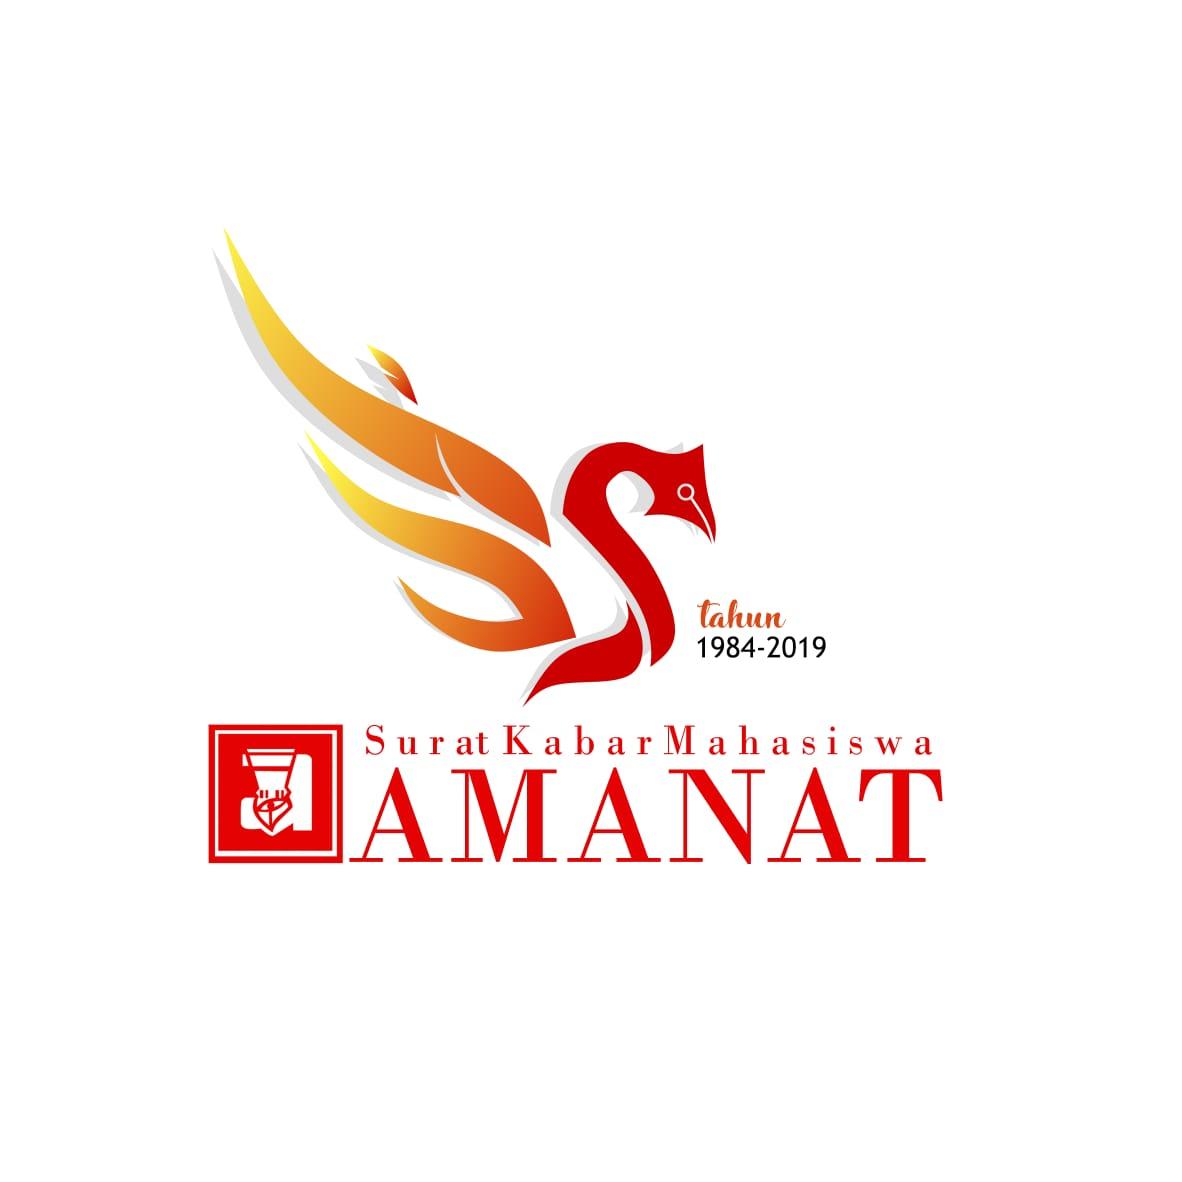 Amanat35 Hashtag On Twitter